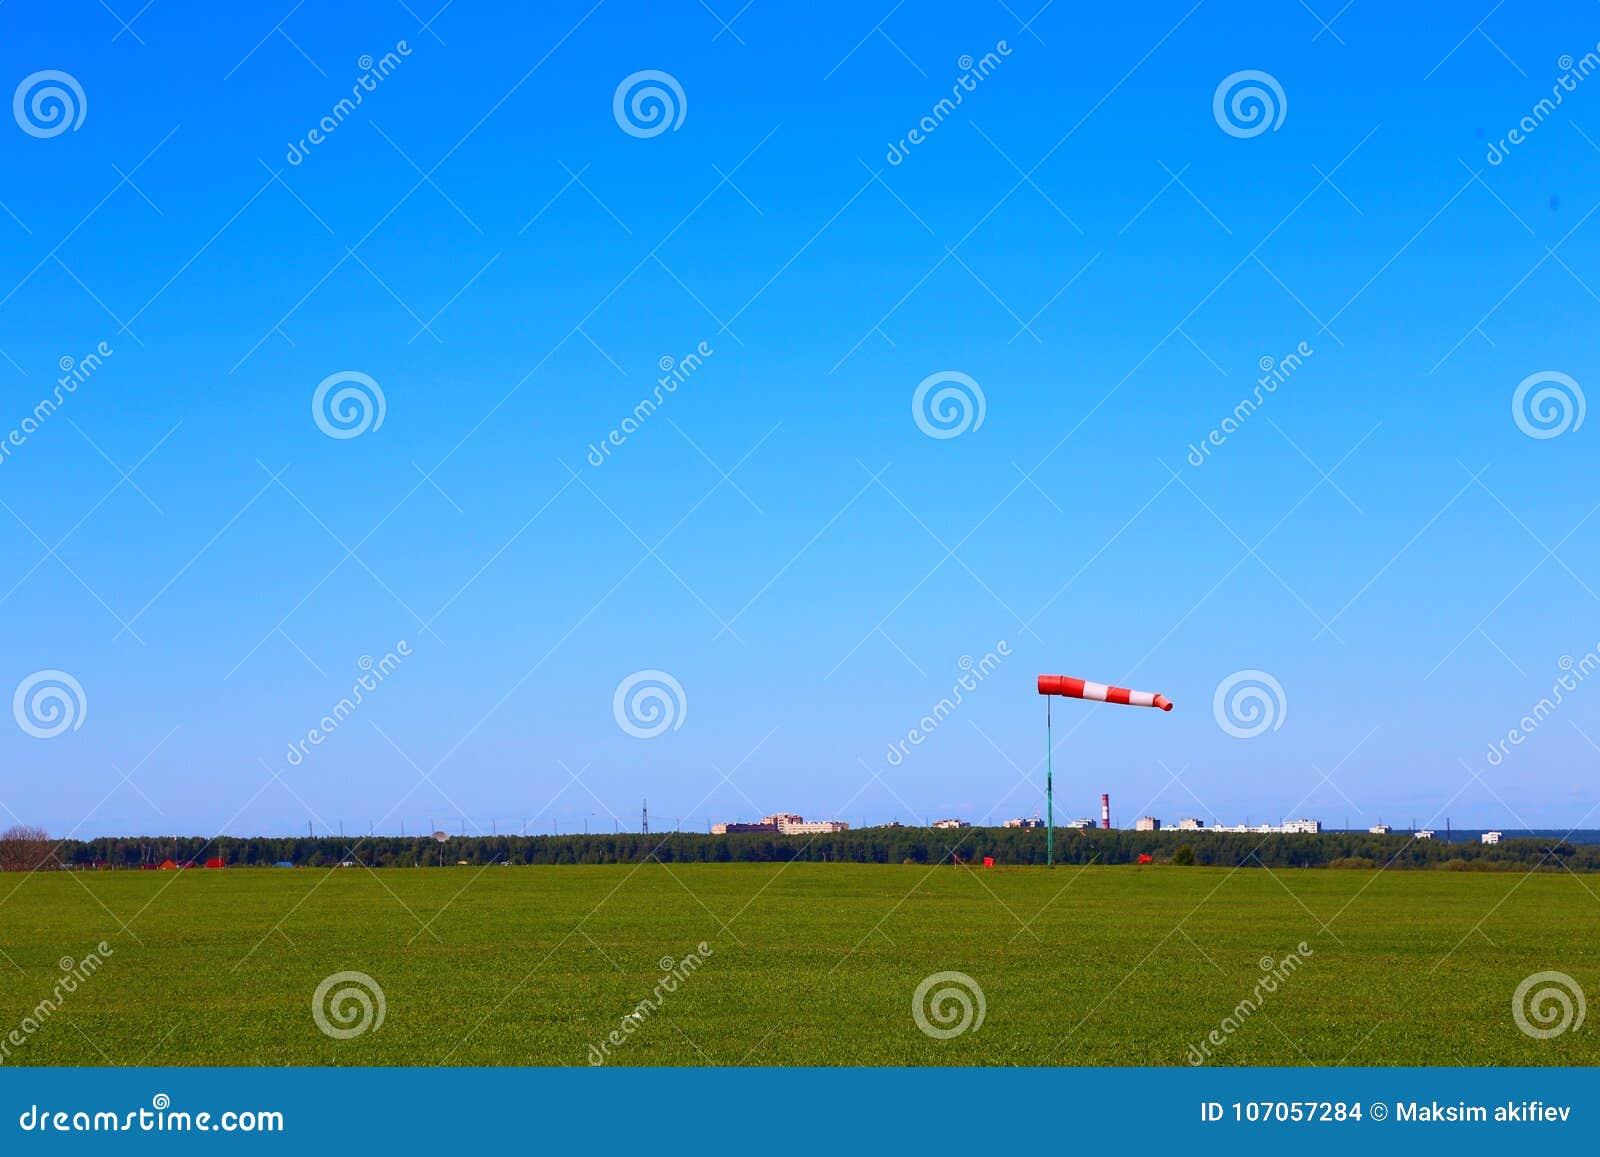 Palette de temps sur l aérodrome contre le ciel et l herbe verte